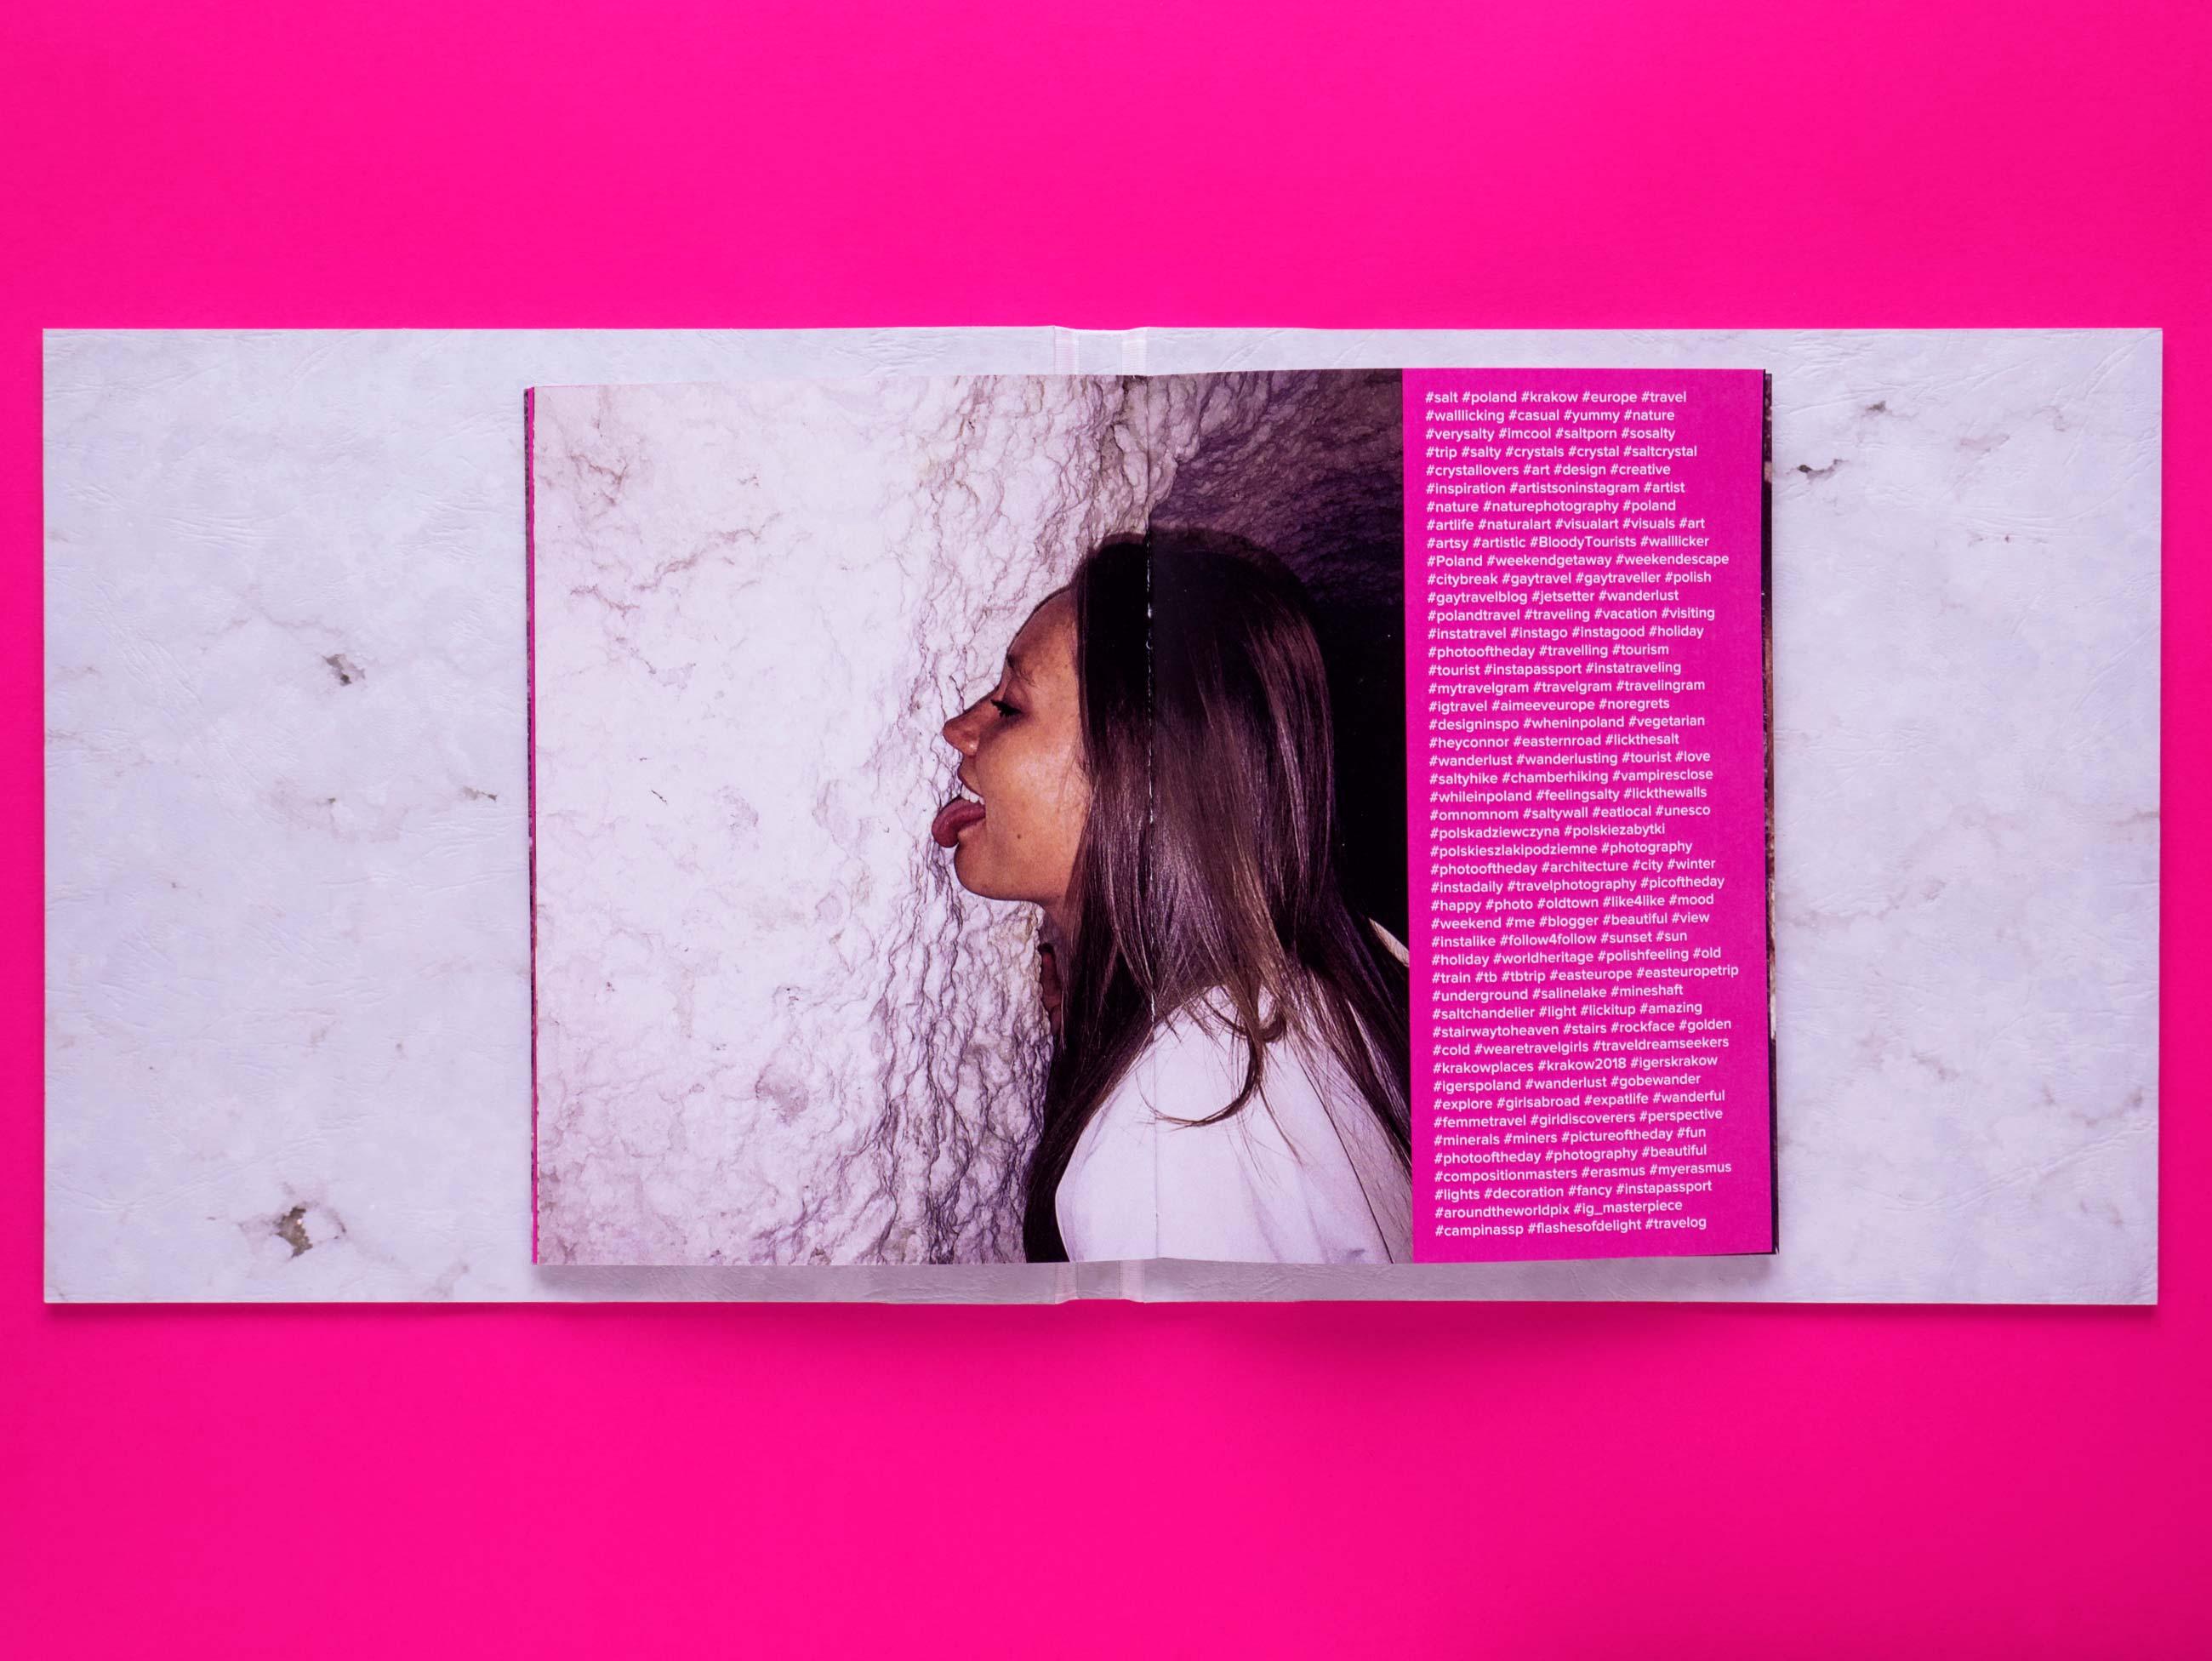 an book 05 - <b>Хочеш лизнути соляну шахту?</b> Анастасія Некипіла — у «Рівні цензури» - Заборона